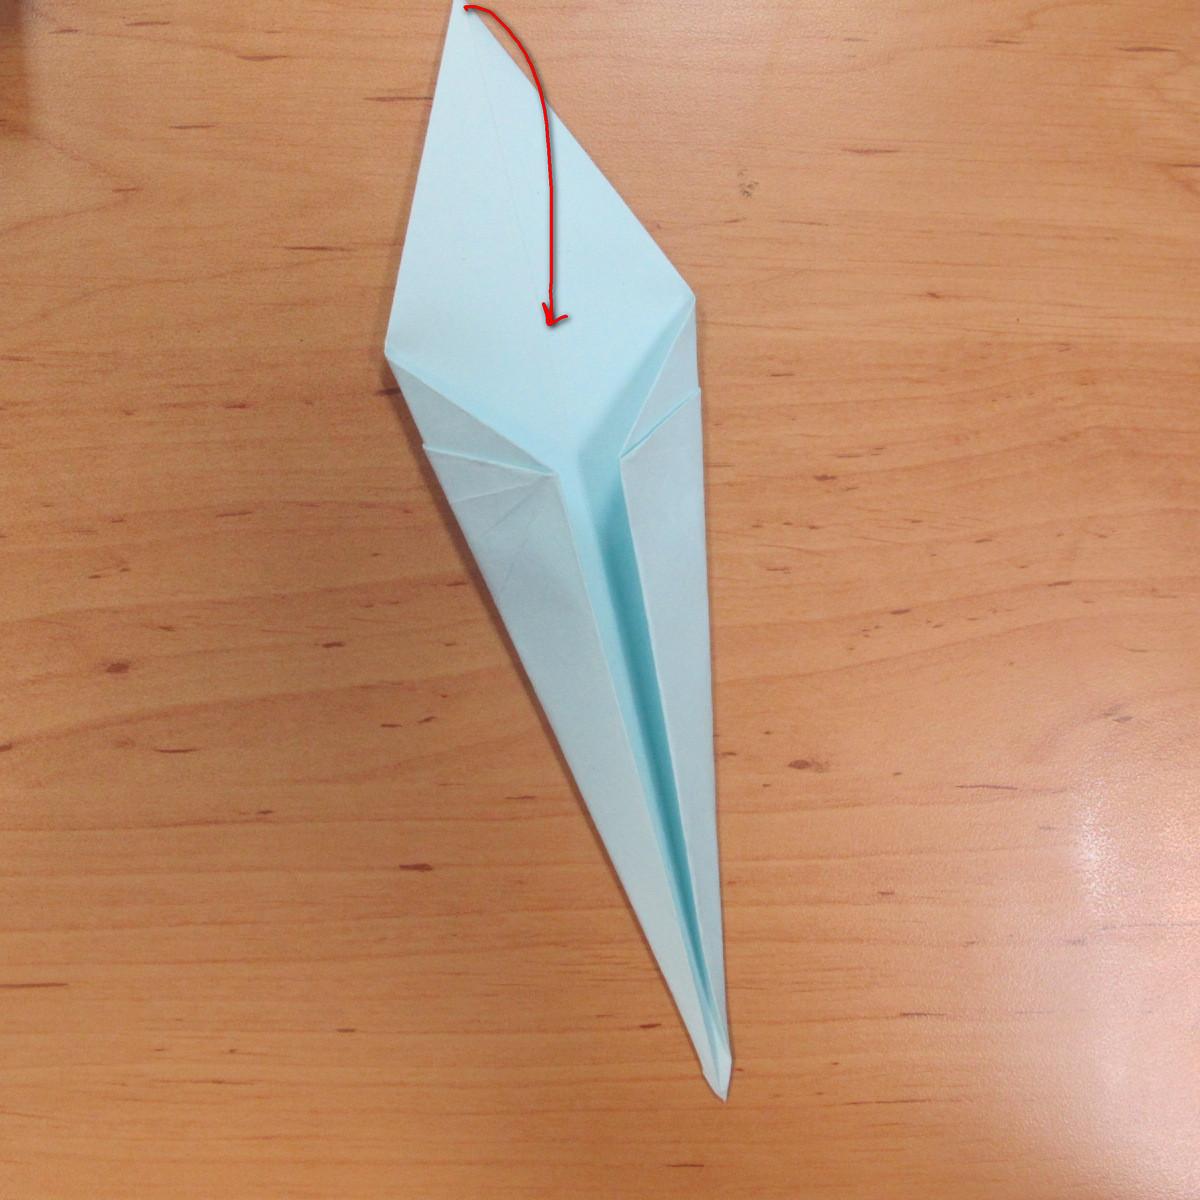 วิธีพับกระดาษเป็นรูปผีน้อย 009